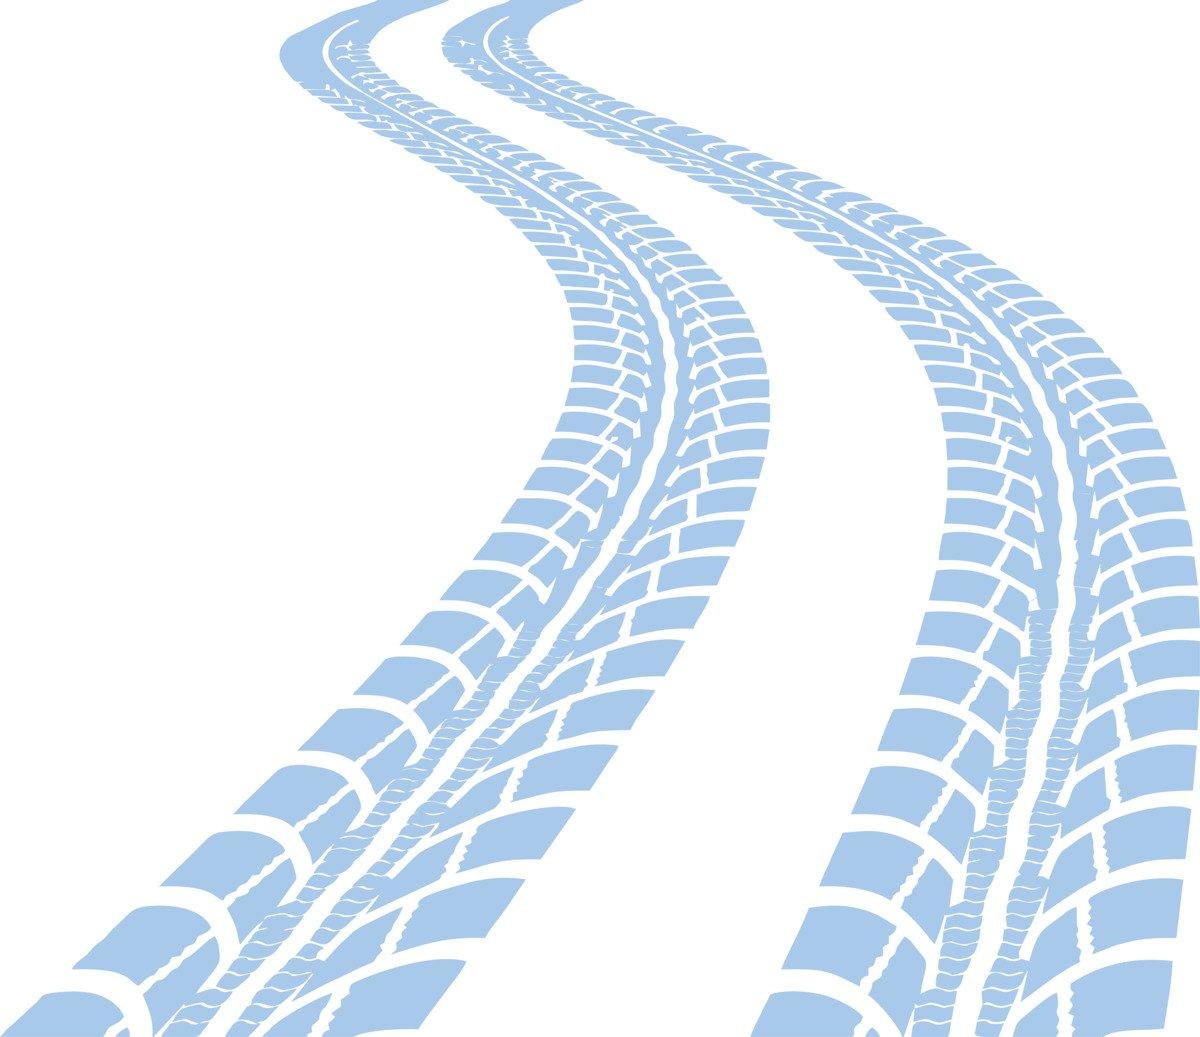 CLICKANDPRINT Aufkleber » Reifen-Spuren, 120x103,7cm, Schwarz • Wandtattoo     Wandaufkleber   Wandsticker   Wanddeko   Vinyl B01N7LQTK8 Wandtattoos & Wandbilder a70be0